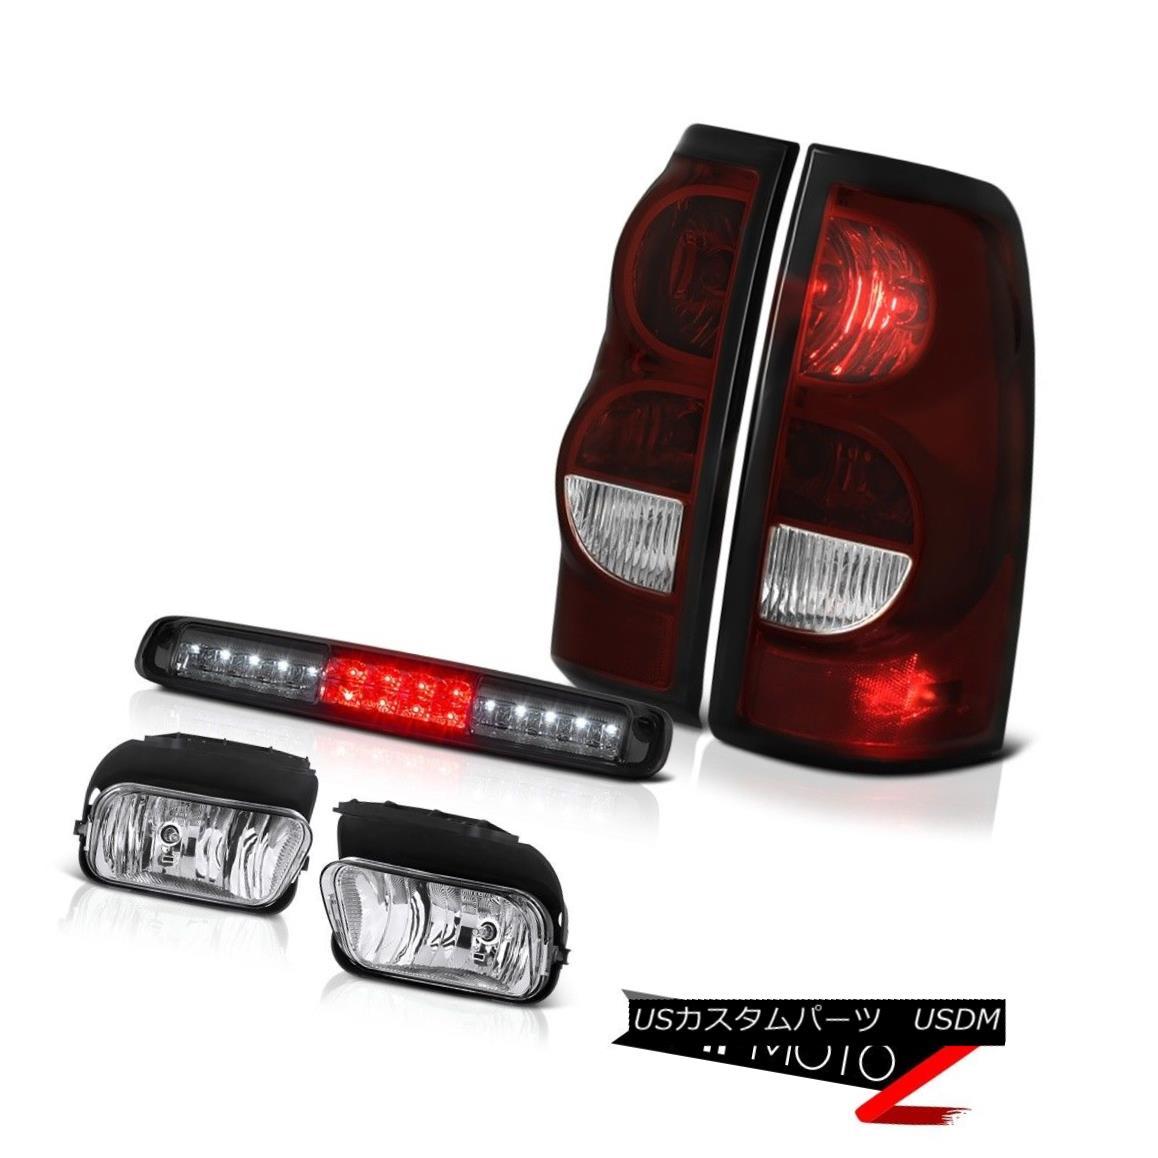 テールライト 03-06 Chevy Silverado 2500Hd High Stop Lamp Sterling Chrome Fog Lights Taillamps 03-06 Chevy Silverado 2500Hdハイストップランプスターリングクロムフォグライトタイルランプ